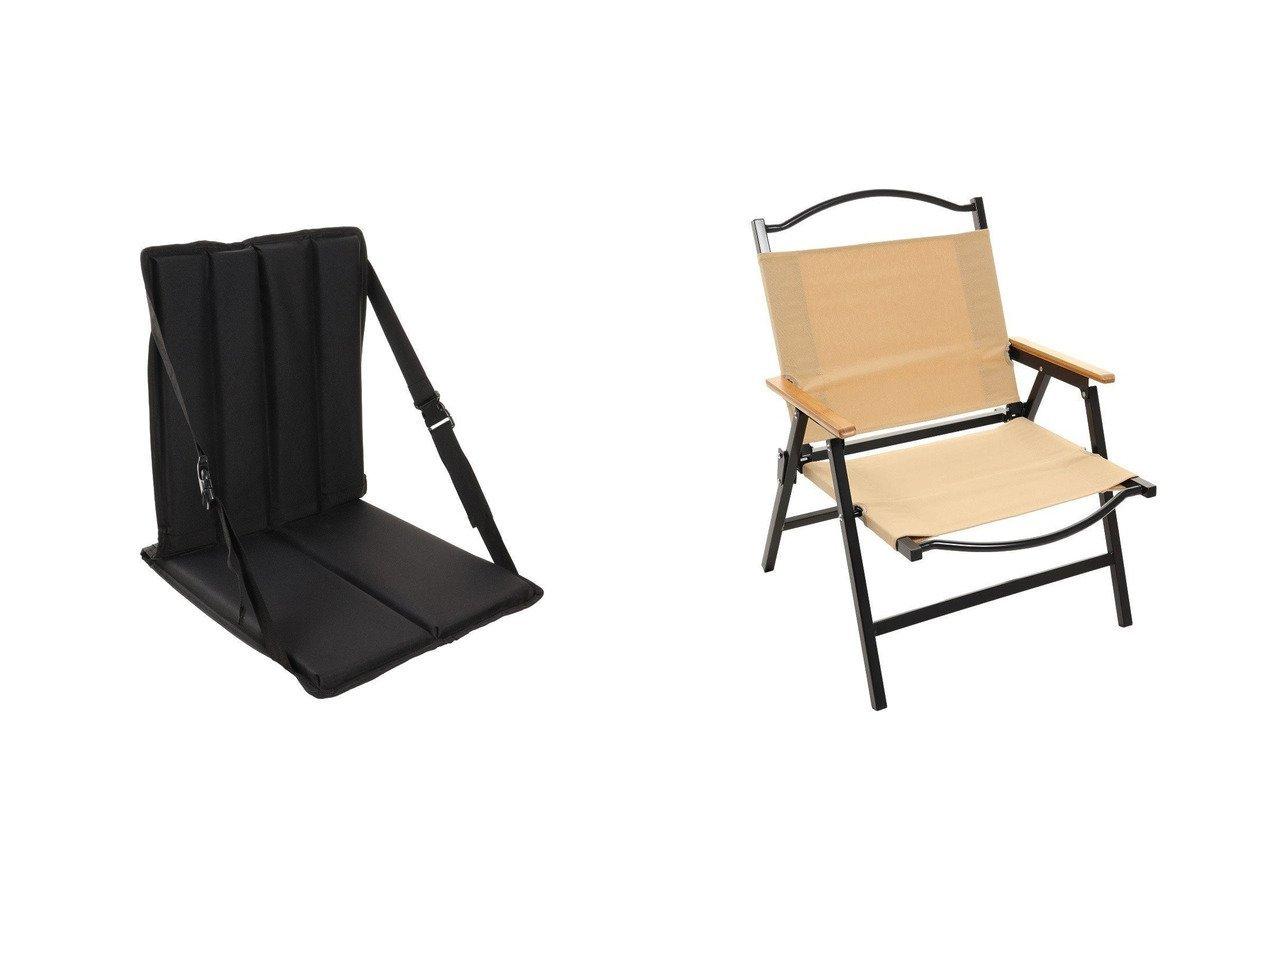 【BUNDOK/バンドック】のロースタイルチェア BD-115BE&【SNOW PEAK/スノーピーク】のグランドパネルチェア LV-115 おすすめ!人気キャンプ・アウトドア用品の通販 おすすめで人気の流行・トレンド、ファッションの通販商品 メンズファッション・キッズファッション・インテリア・家具・レディースファッション・服の通販 founy(ファニー) https://founy.com/ A/W・秋冬 AW・Autumn/Winter・FW・Fall-Winter グラス ホーム・キャンプ・アウトドア Home,Garden,Outdoor,Camping Gear キャンプ用品・アウトドア  Camping Gear & Outdoor Supplies チェア テーブル Camp Chairs, Camping Tables |ID:crp329100000034794